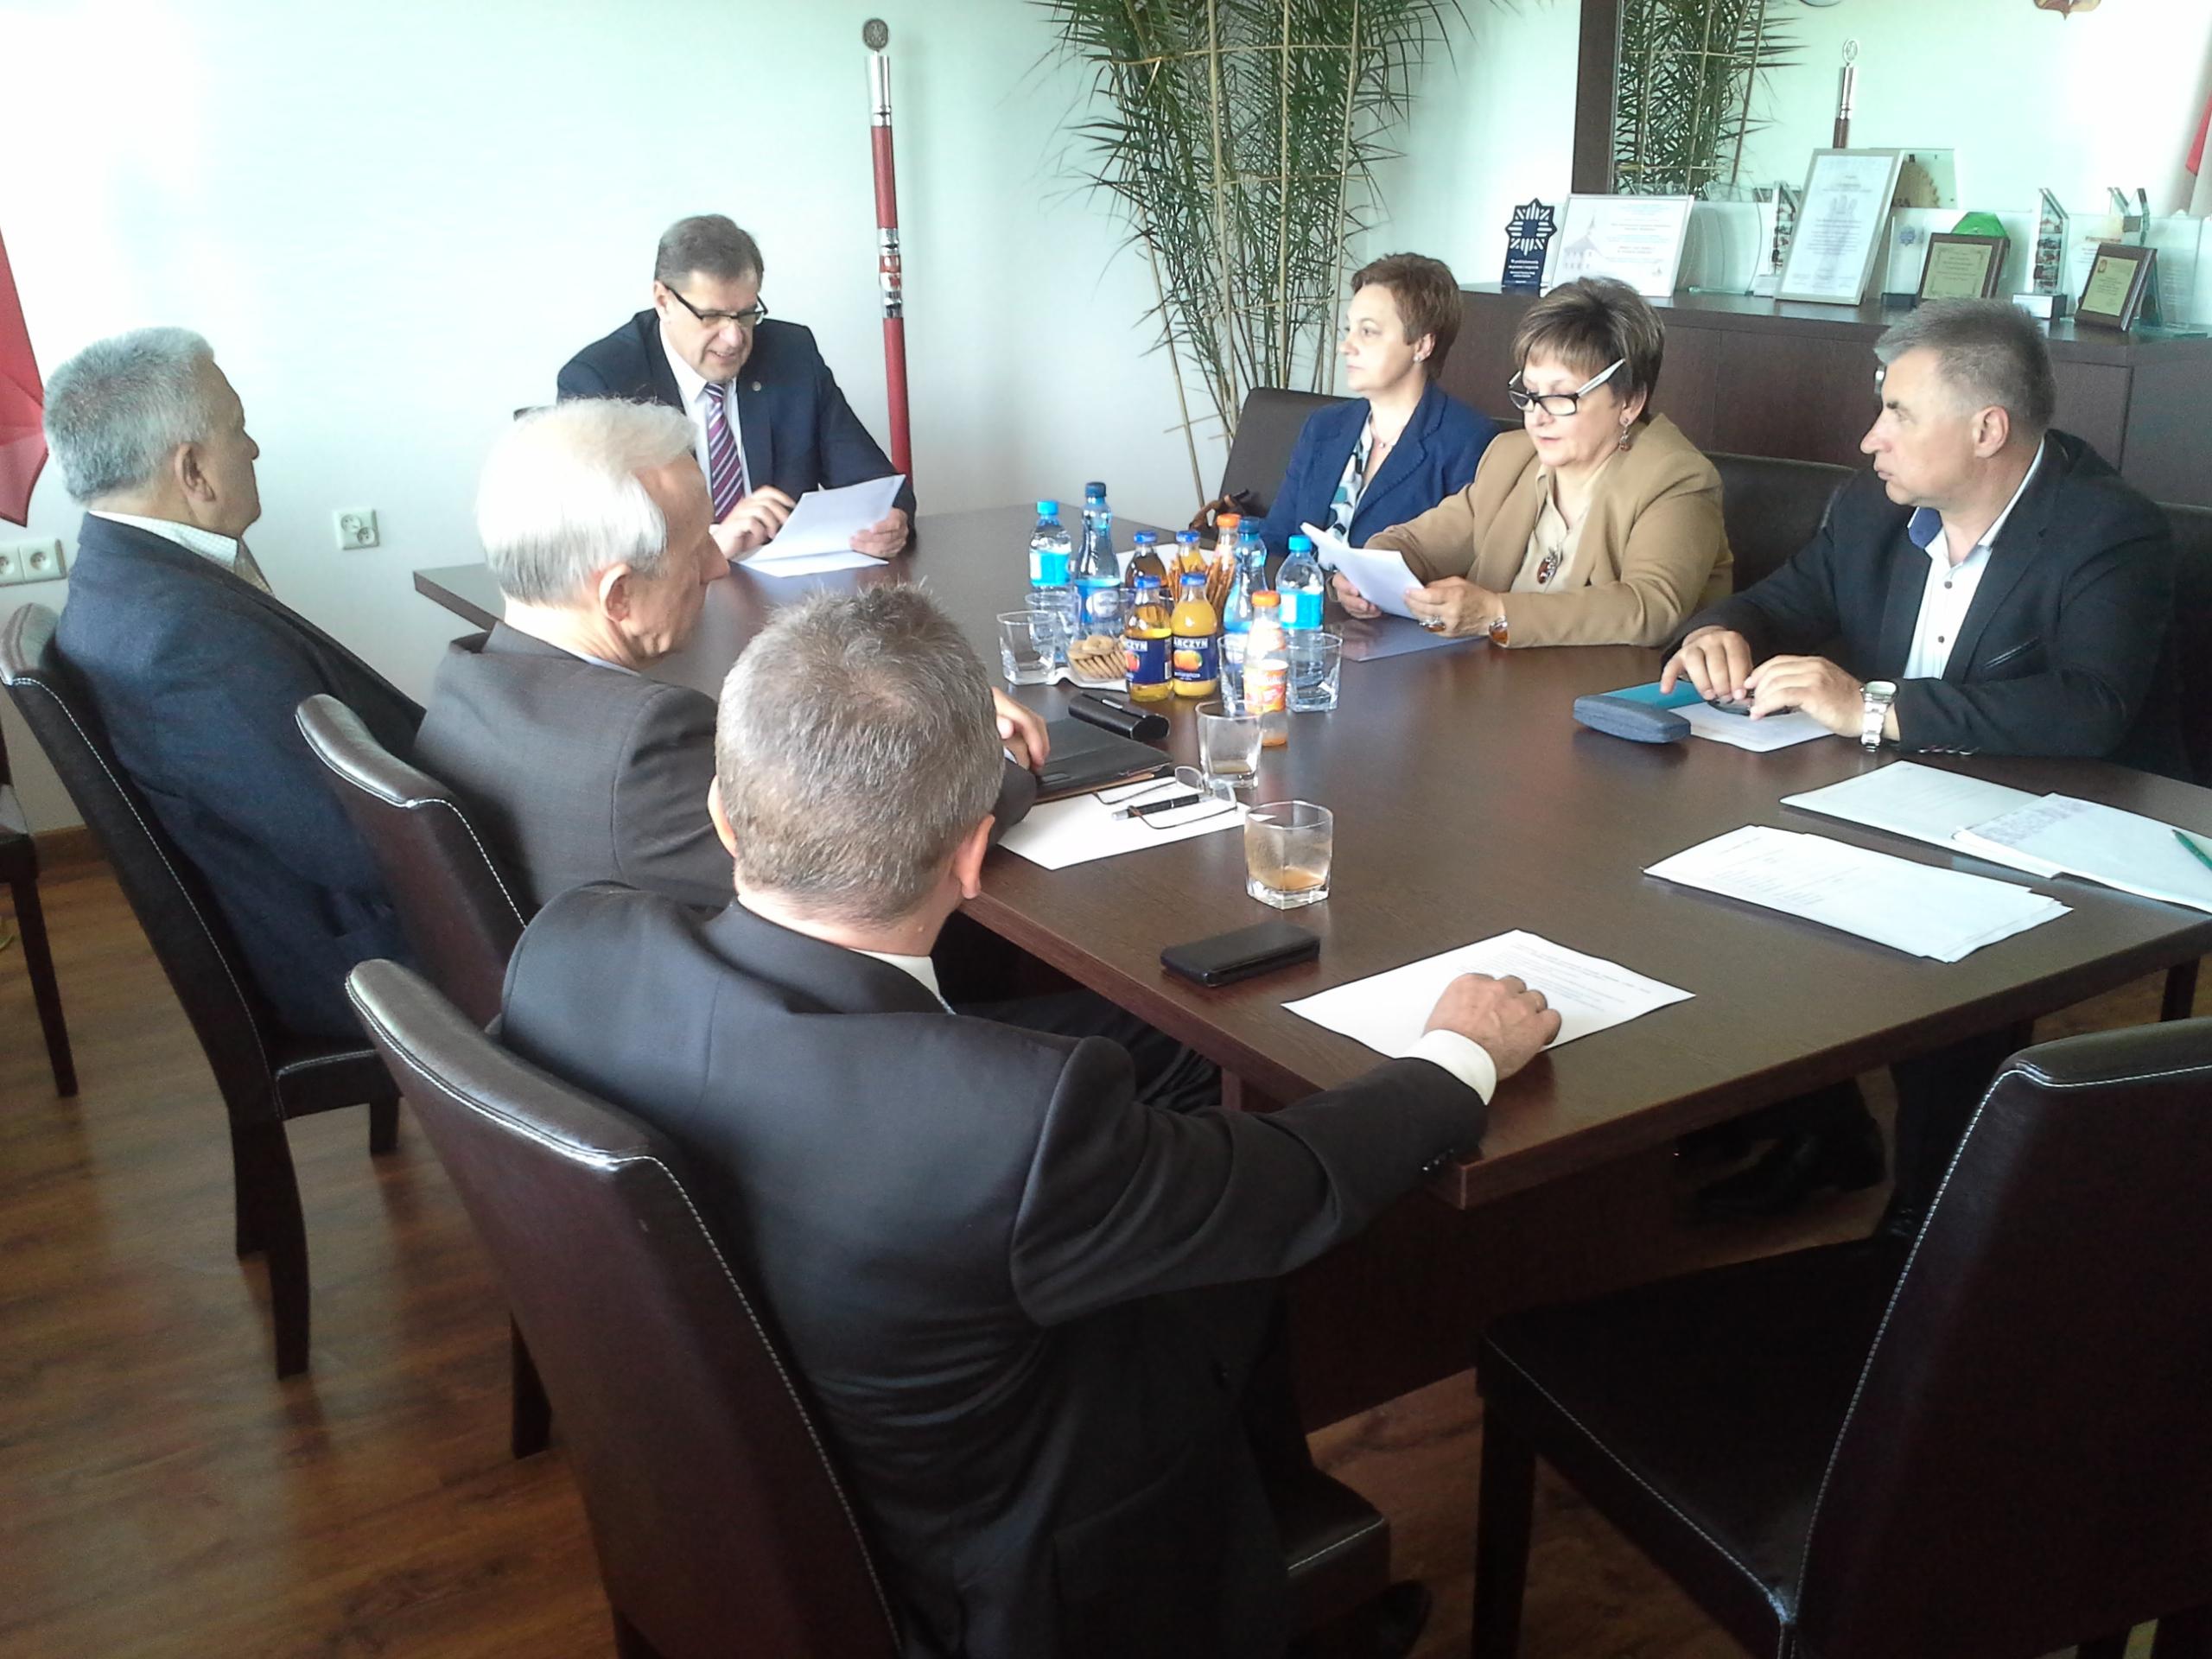 Posiedzenie Zarządu Oddziału Bielskiego CHDS Nasze Podlasie